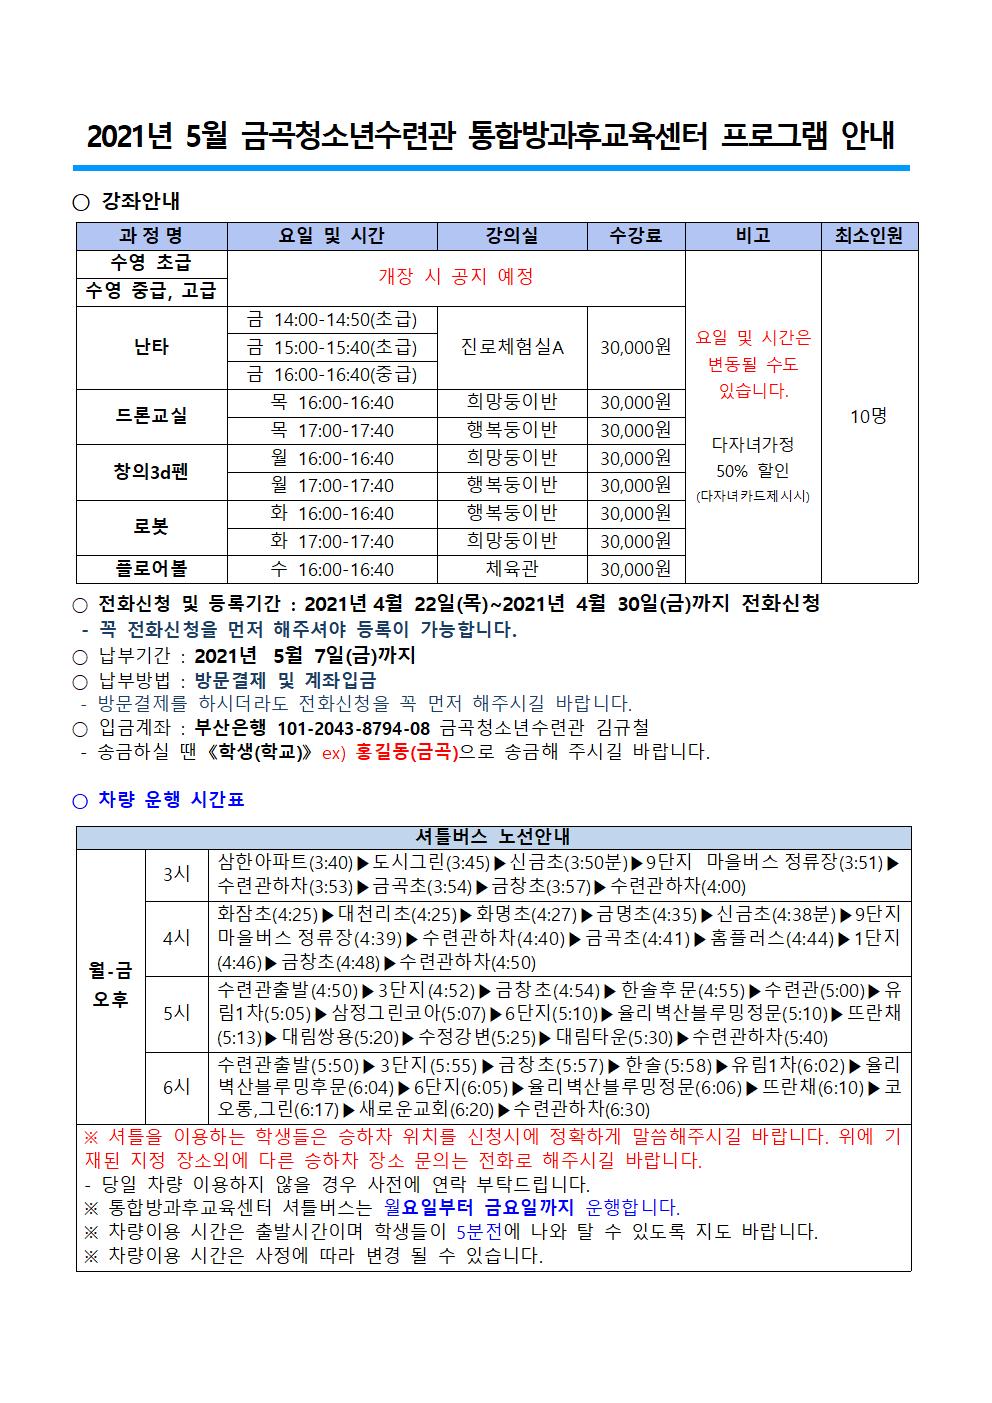 2021 5월 통합방과후교육센터 안내문002.png